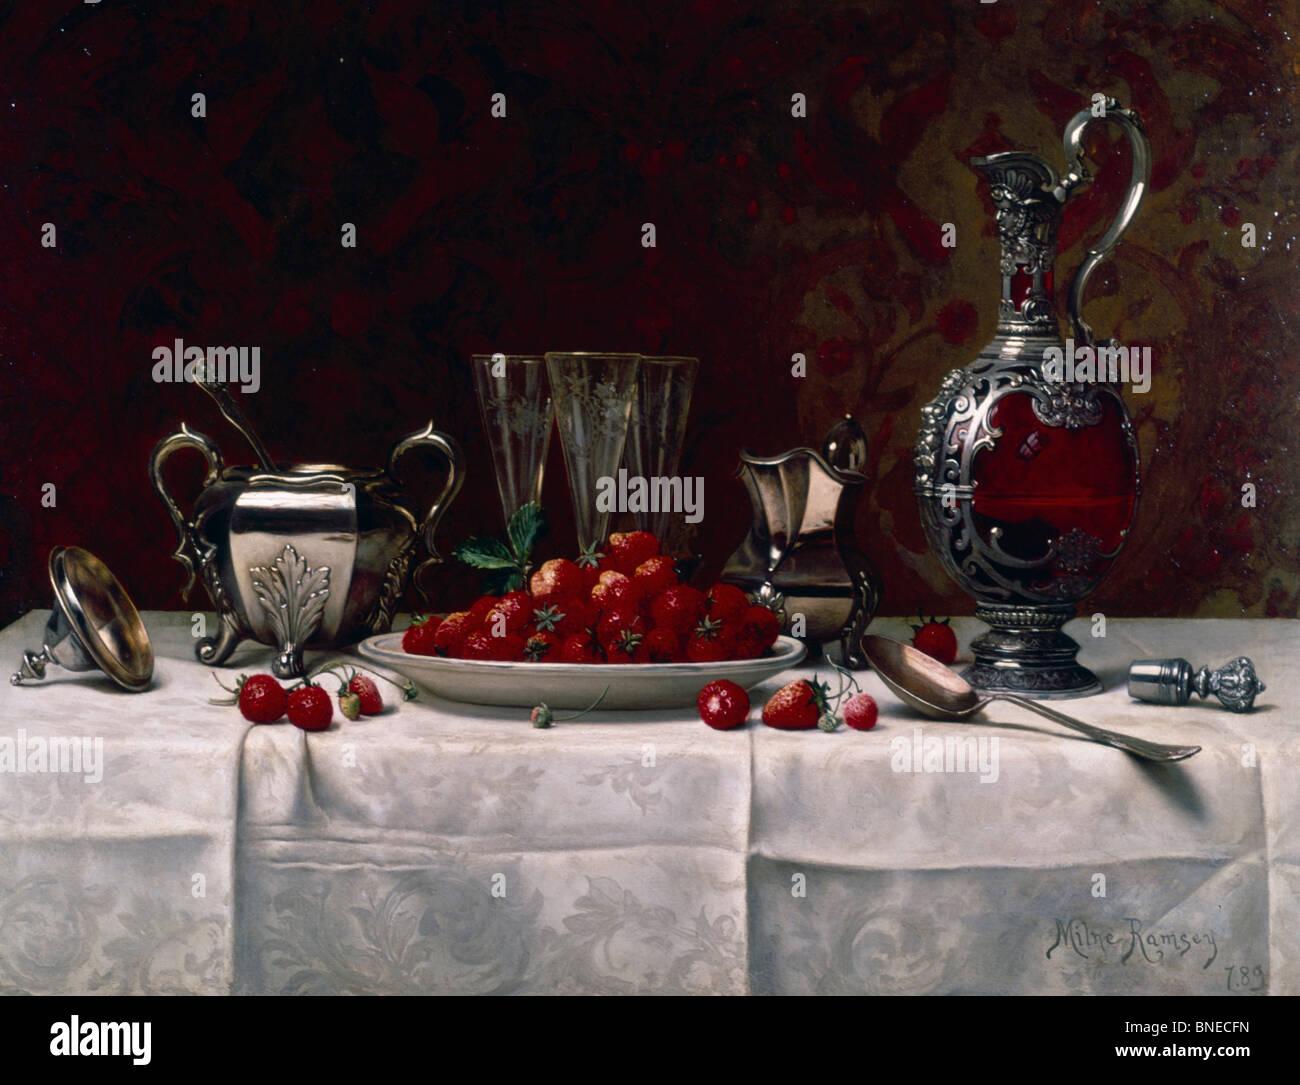 Nature morte aux fruits rouges et l'argent de la table par Milne Ramsey, 1889, (1847-1915) Photo Stock